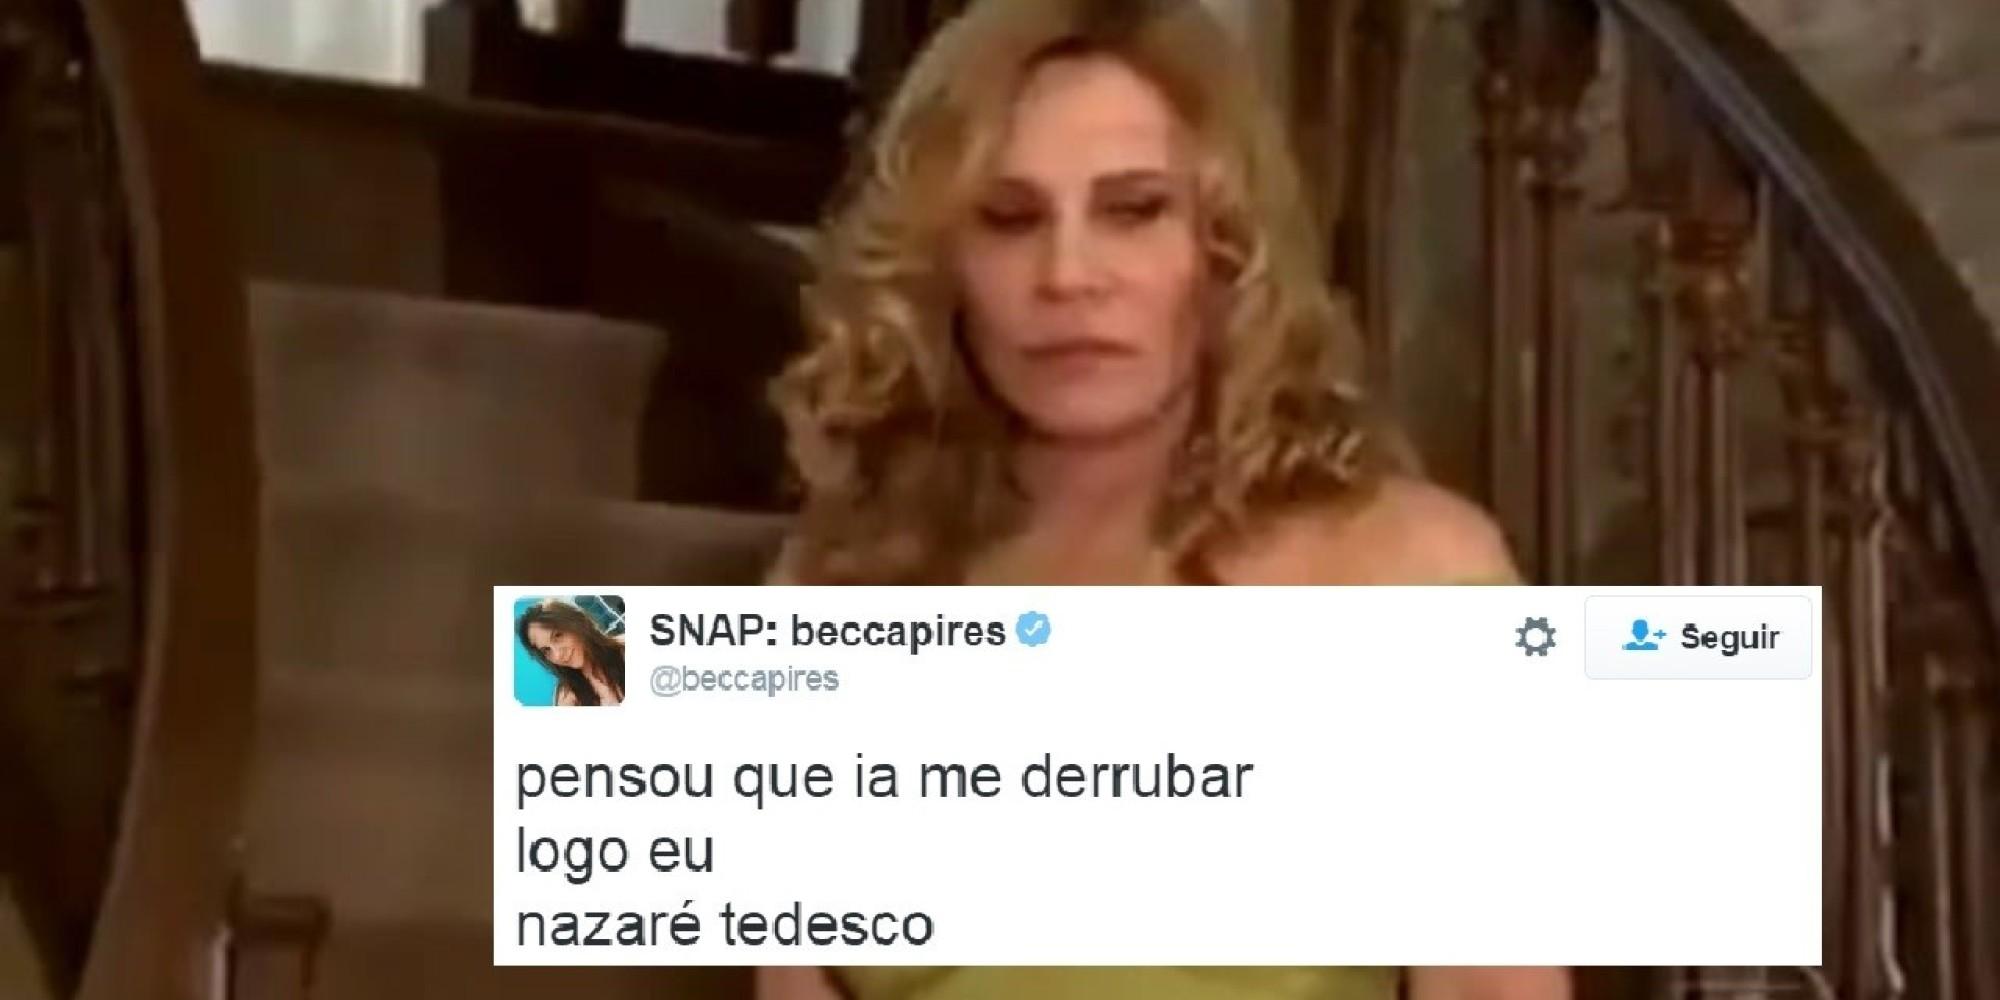 Os brasileiros estão elevando o meme 'Logo eu' a outro nível